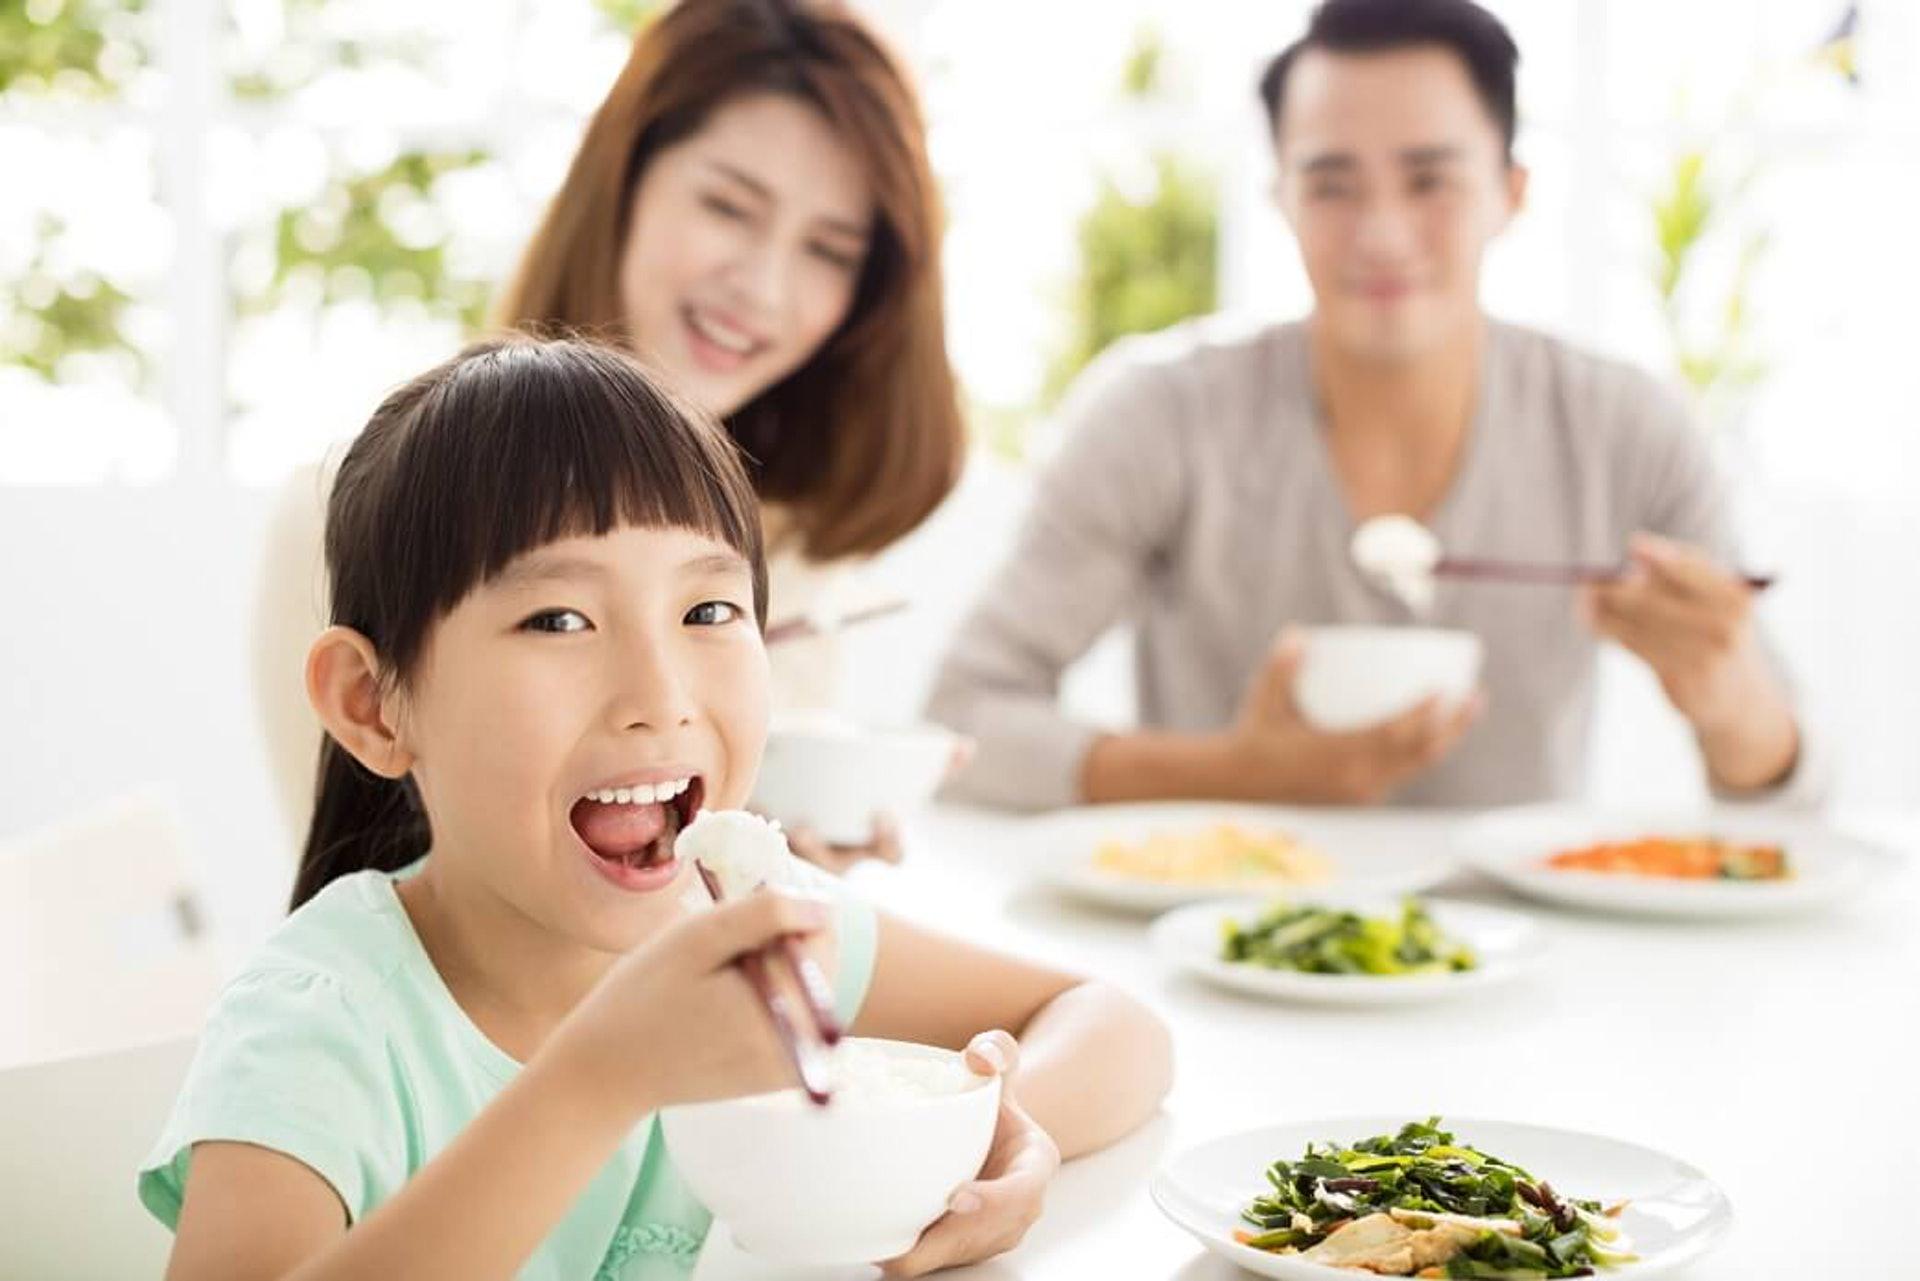 營養師會對兒童的個人體質作出詳細了解及專業分析,並制訂專屬餐單,讓兒童能夠享有最適合個人體質的天然健康飲食方案。(圖片:nestlemilo)